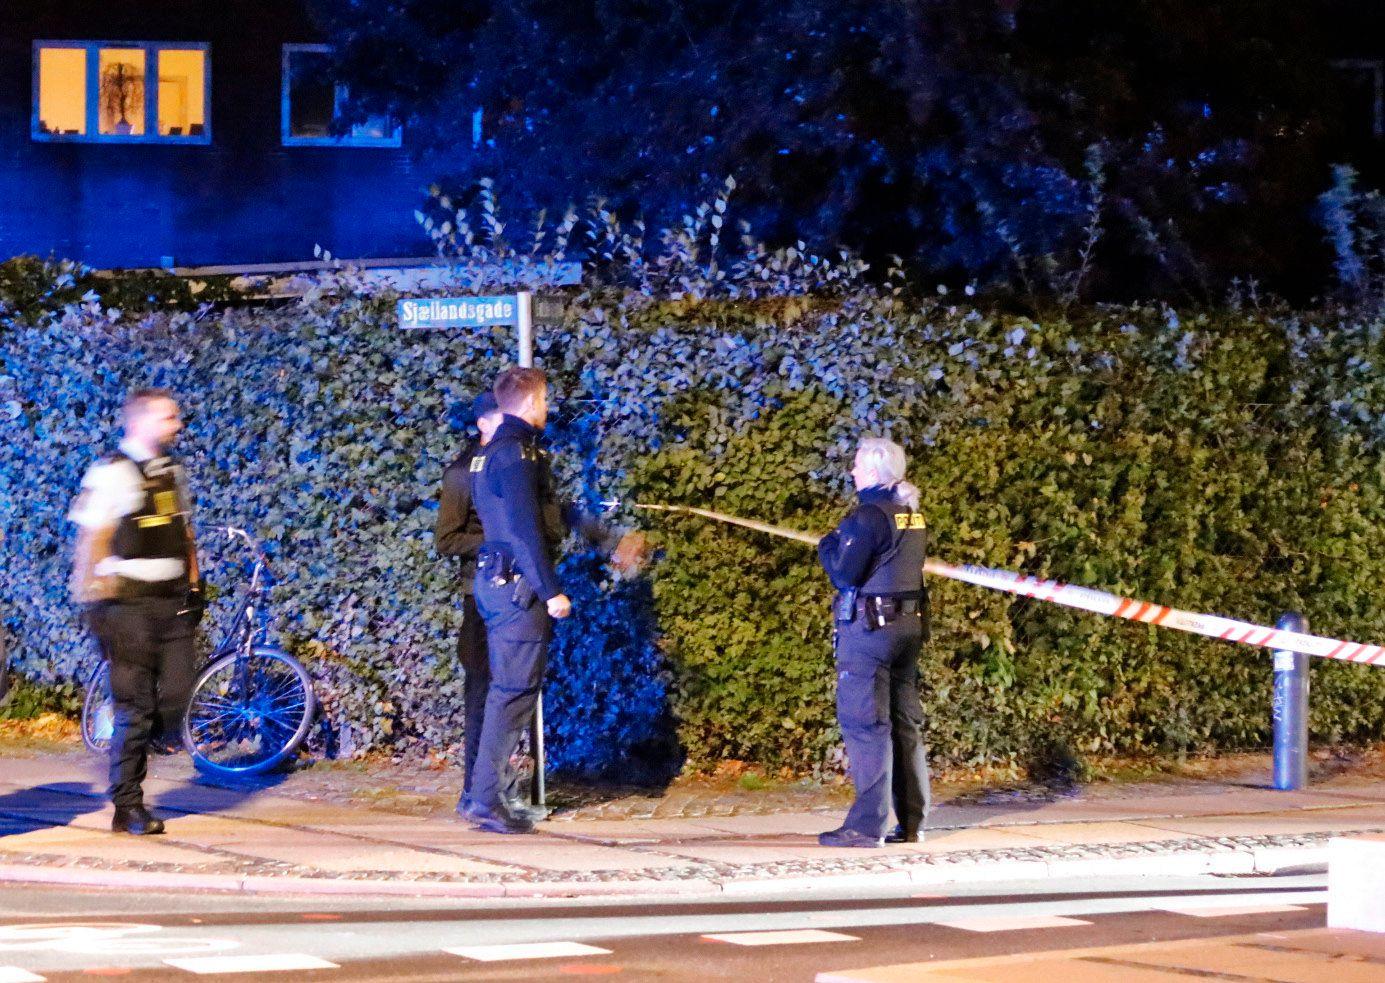 STORT POLITIOPPBUD: Politi og ambulanse rykket ut til skytingen i København der minst to personer er skadd.